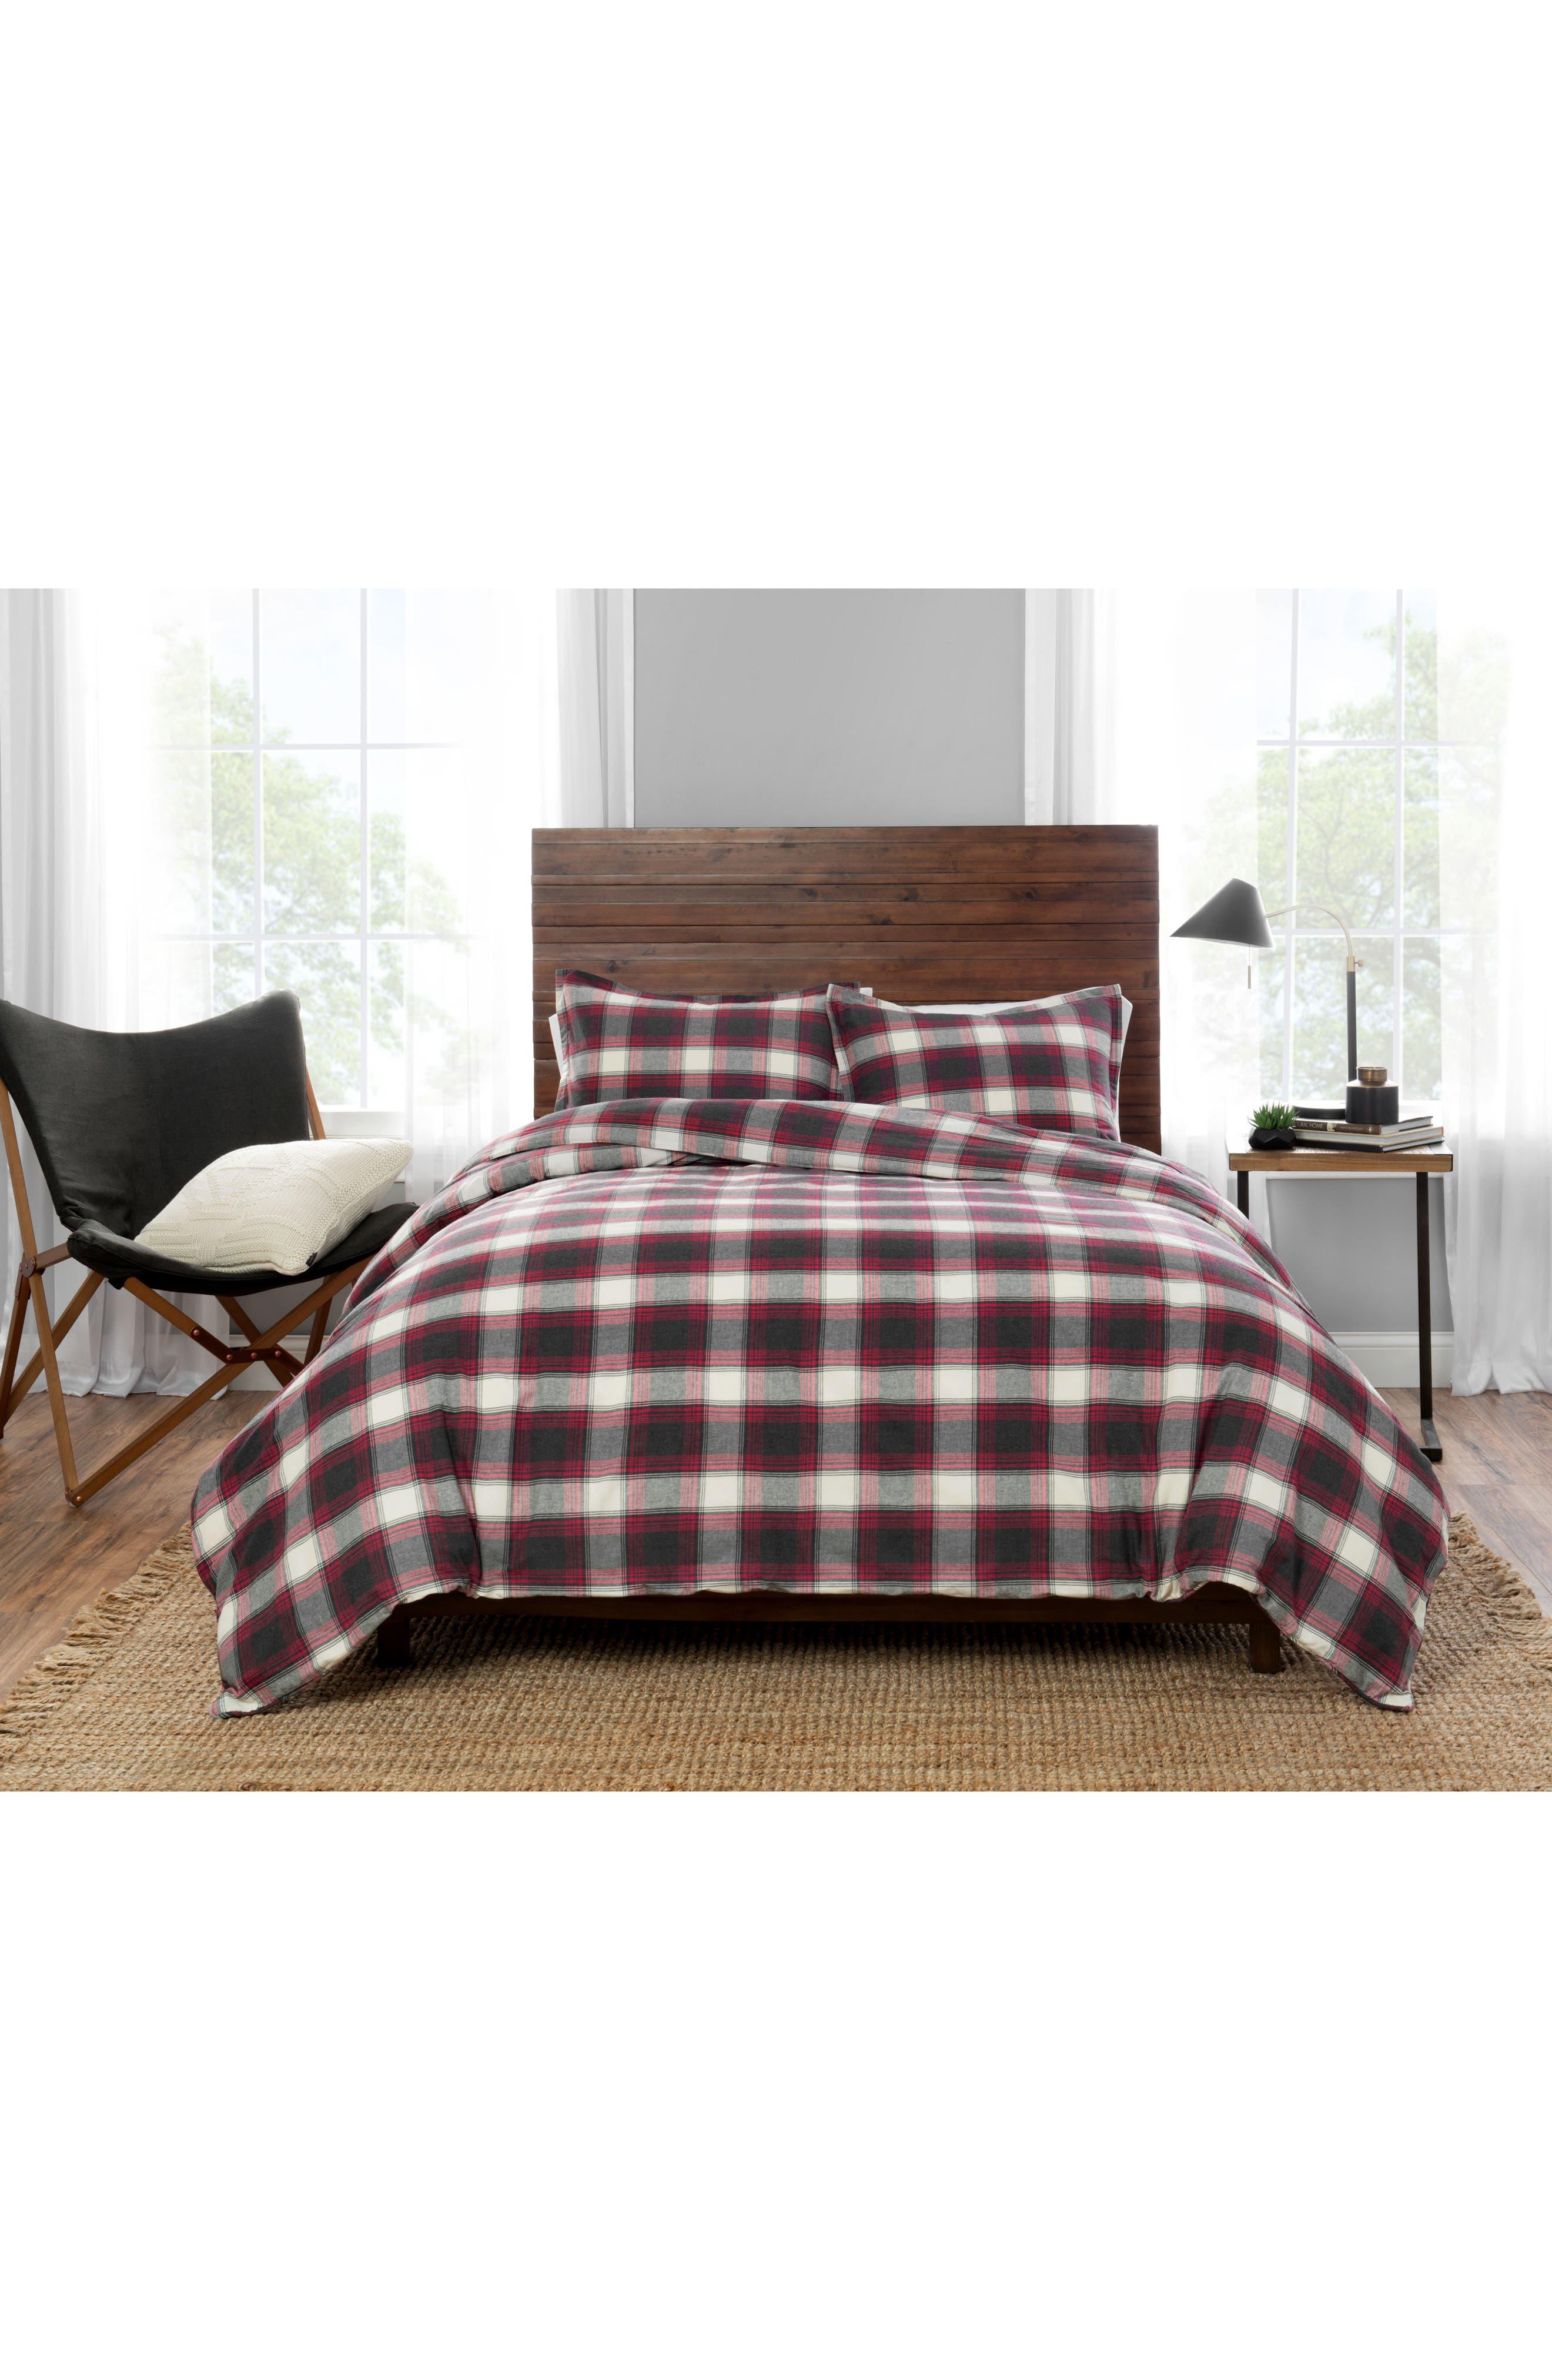 Fern Ridge Comforter & Sham Set,                             Main thumbnail 1, color,                             MULTI